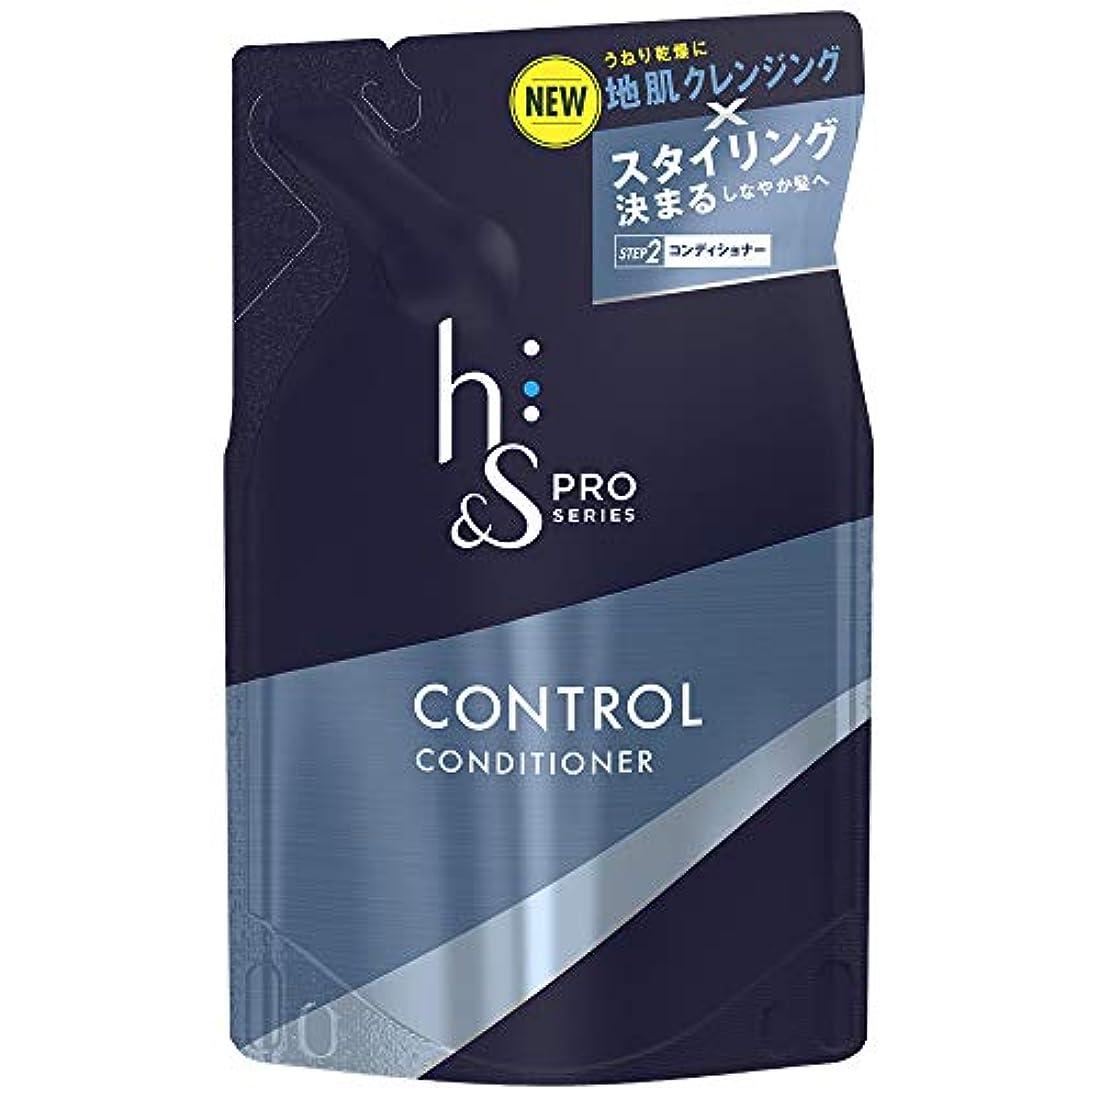 報奨金物理学者閃光h&s PRO (エイチアンドエス プロ) メンズ コンディショナー コントロール 詰め替え (スタイリング重視) 300g